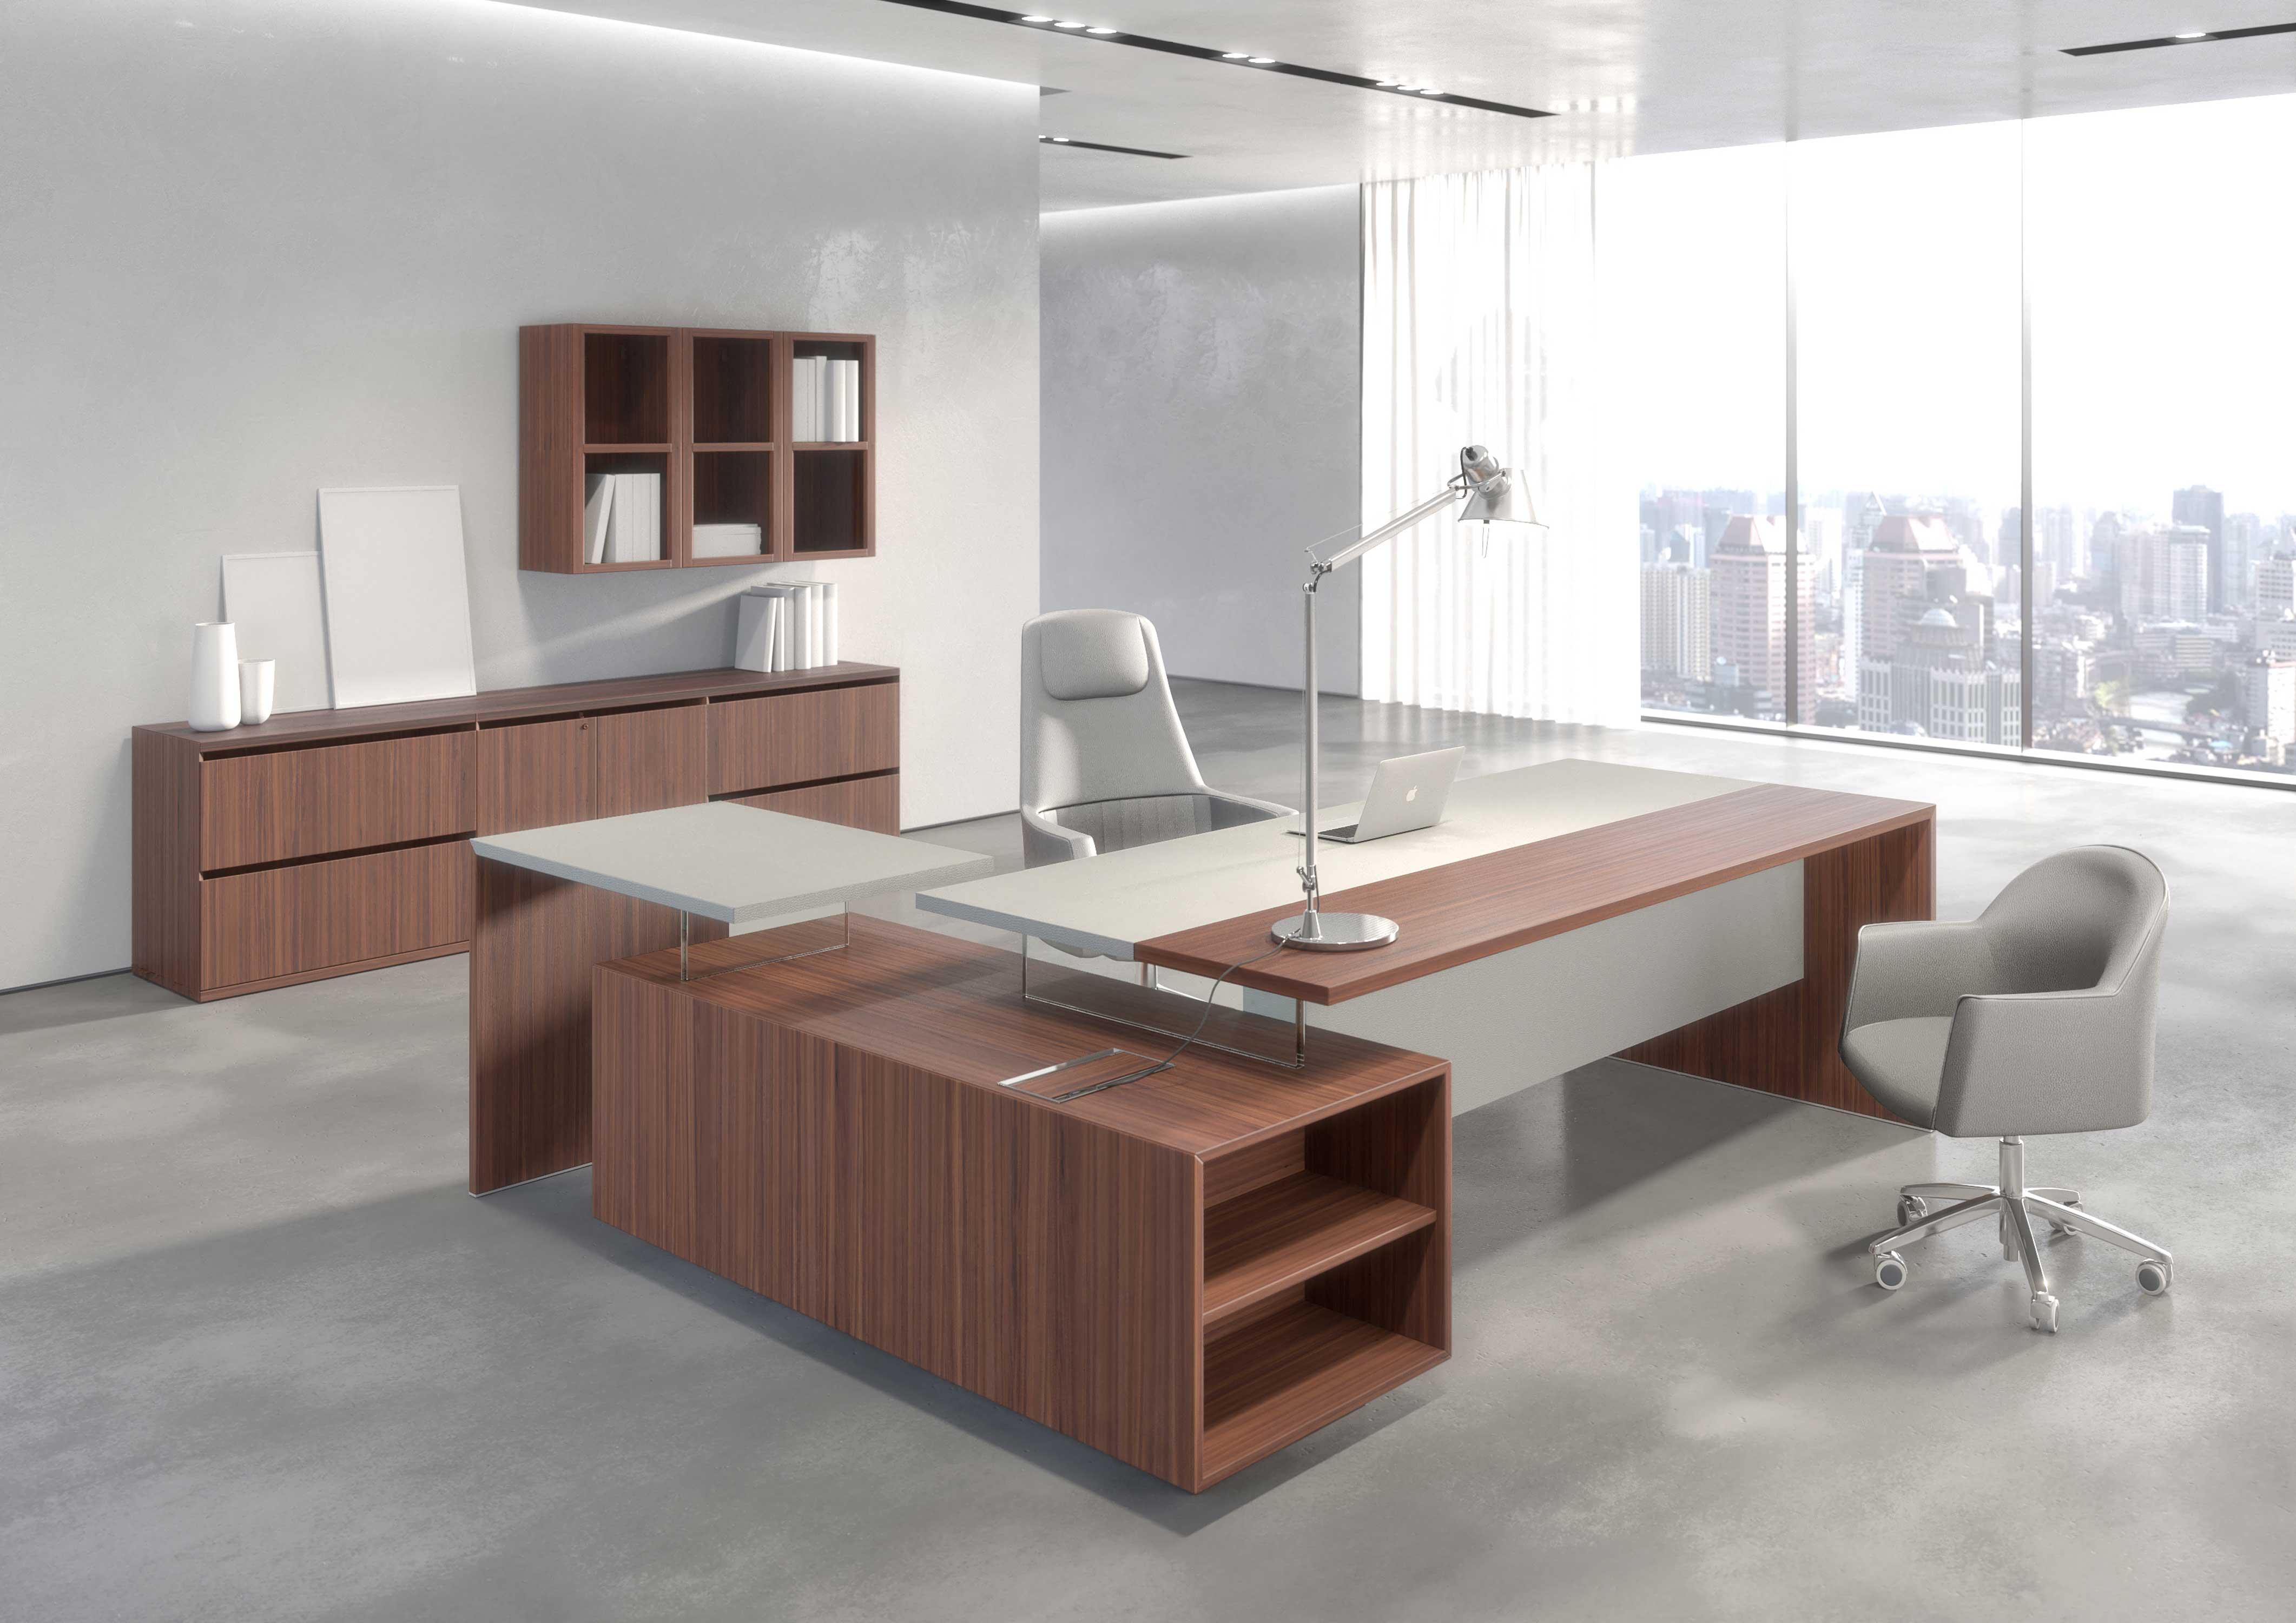 04S_Estel_Executive-&-Common-Area_Executive-&-Meeting_Campiello